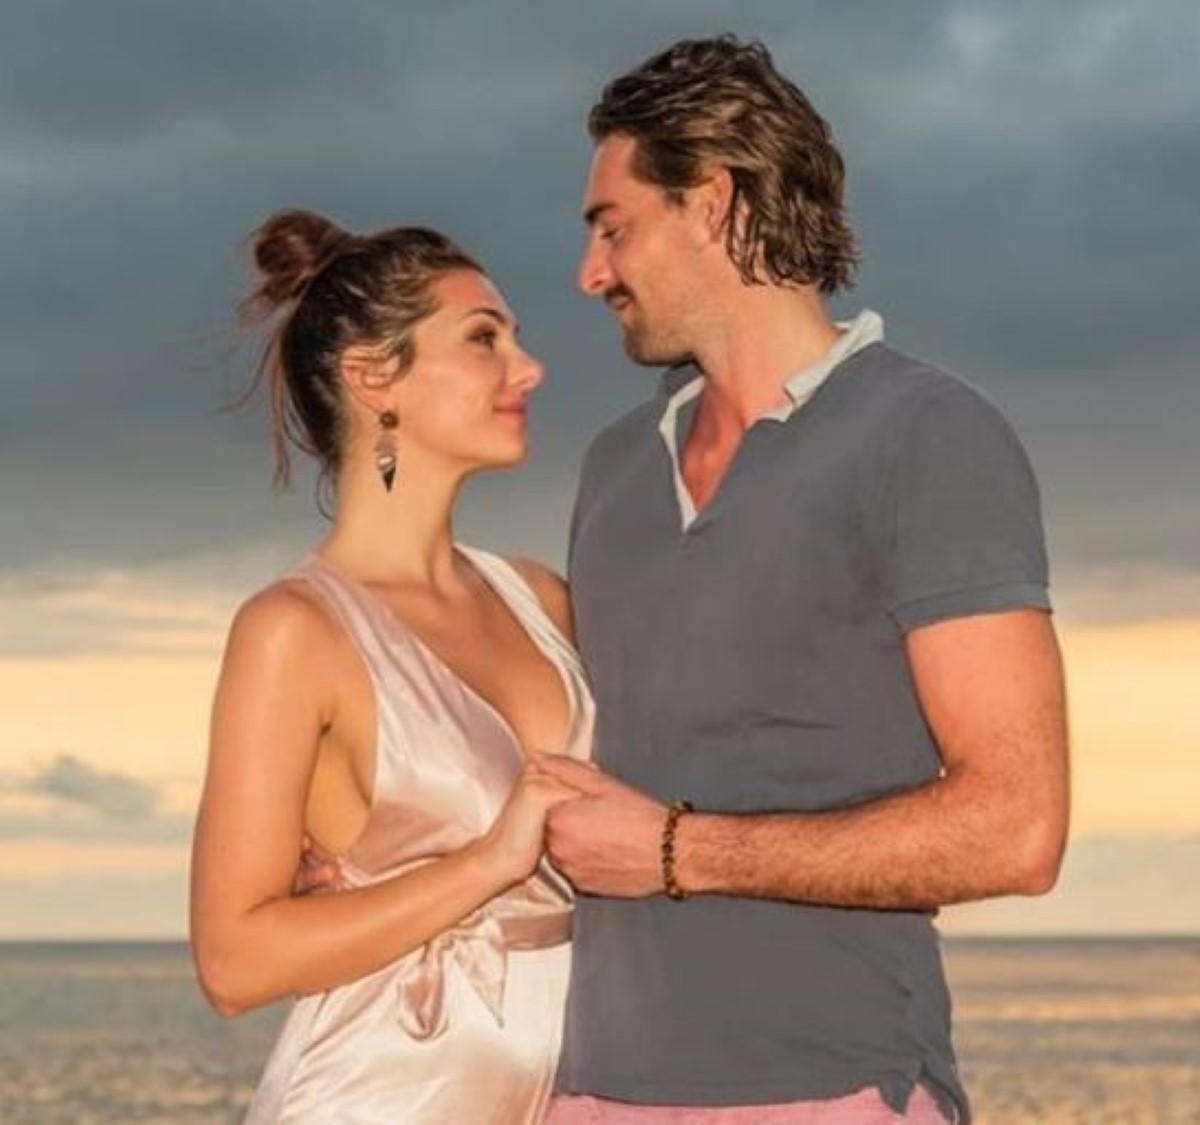 [People] Le champion de natation Camille Lacourt et sa nouvelle compagne, en vacances à l'île Maurice